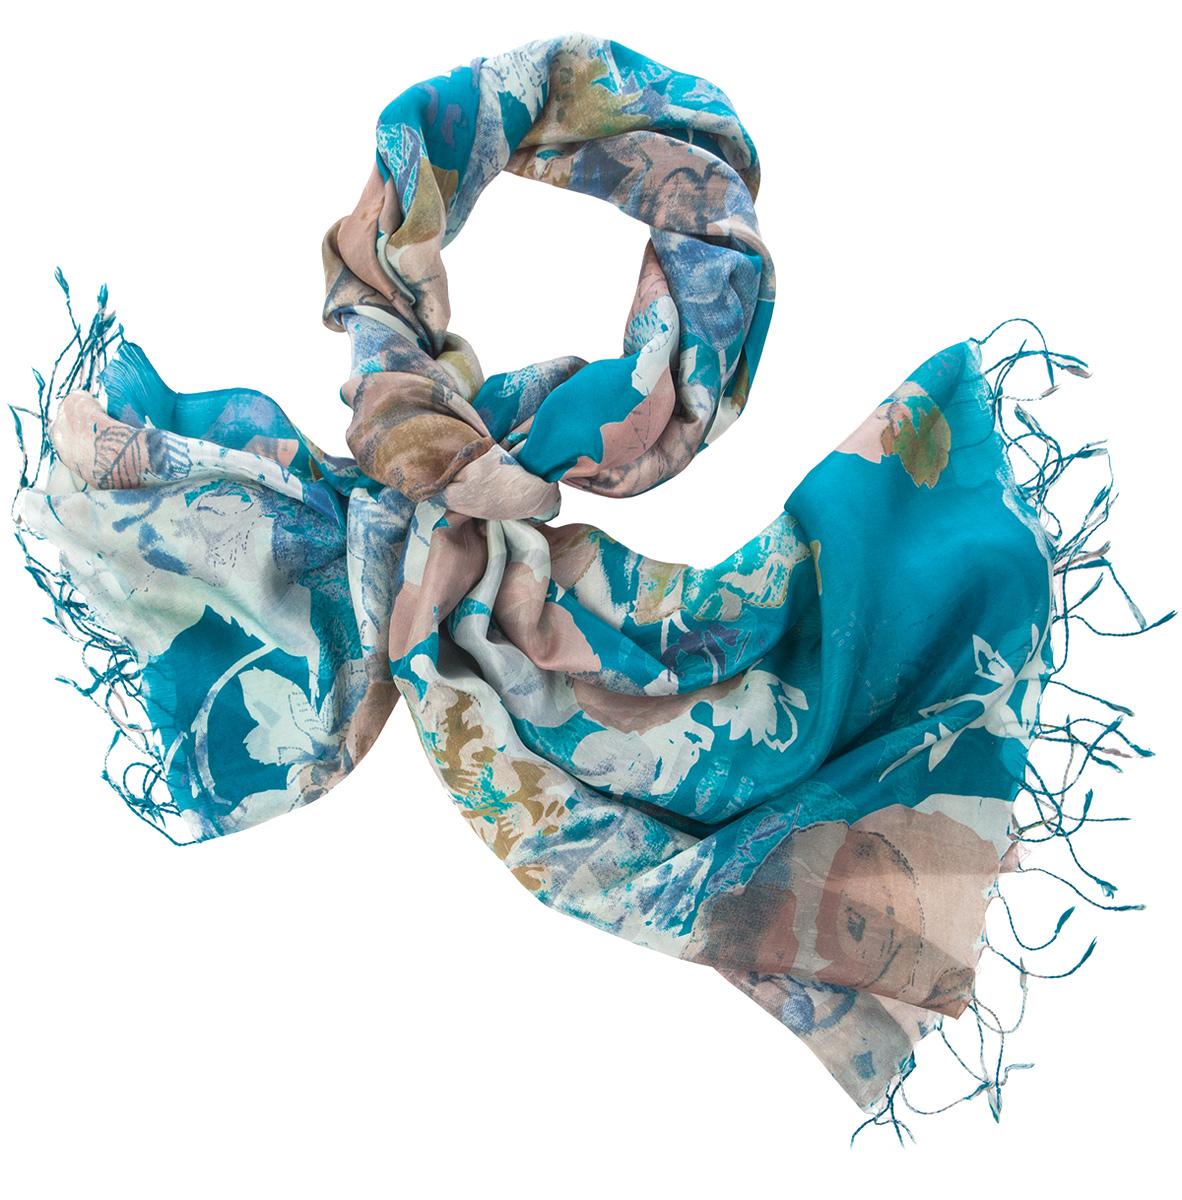 ПалантинS30-SMUDGE.FL/EMARELDНарочито рыхлое плетение Plain тончайшей шелковой нитью Mulberry, нежная полупрозрачная ткань Chiffon. Вес изделия 60г (30 г/м2).